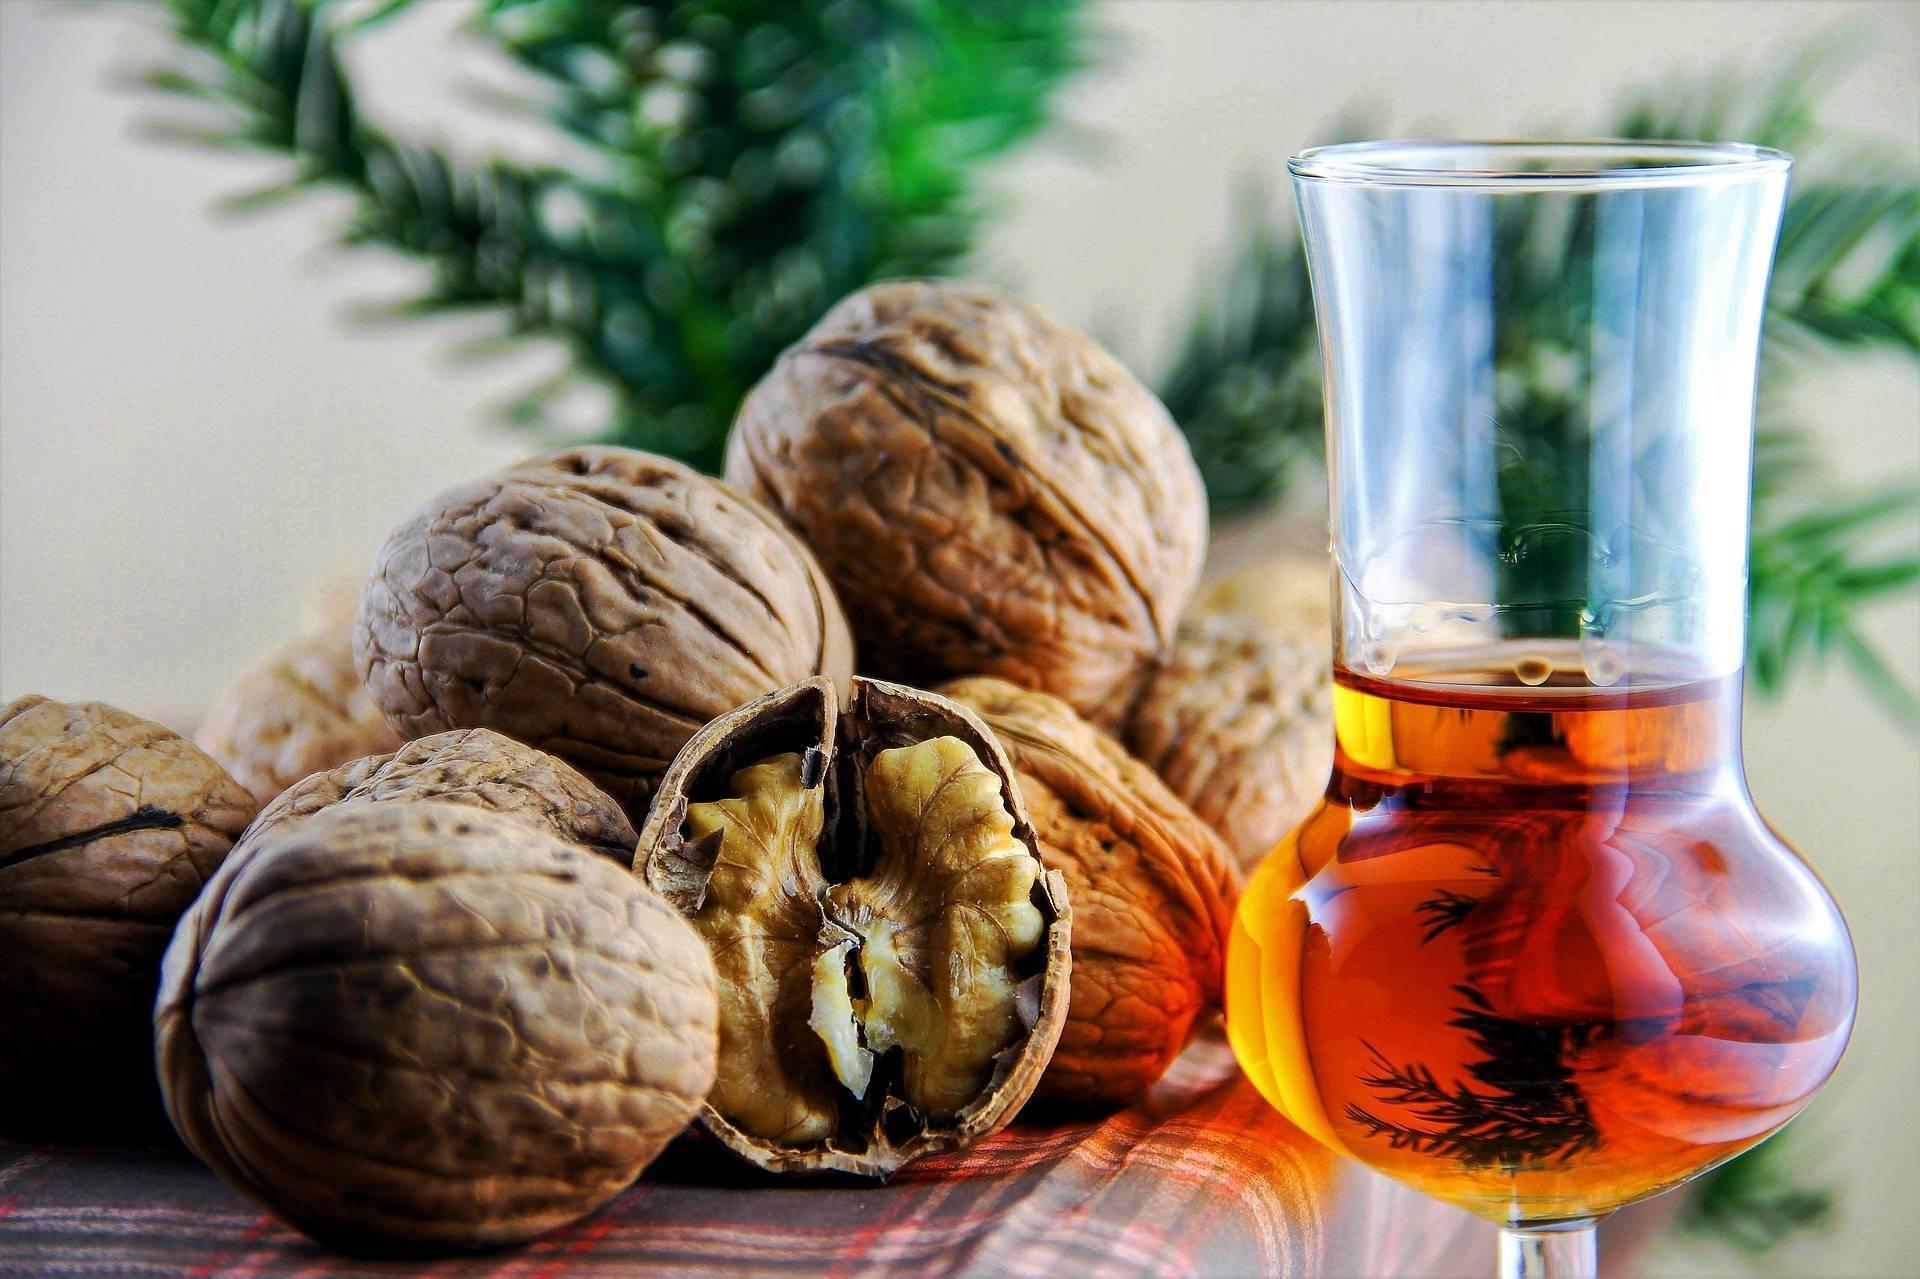 Лечебные свойства спиртовой настойки мускатного ореха. применение в народной медицине. вред и противопоказания, побочные действия